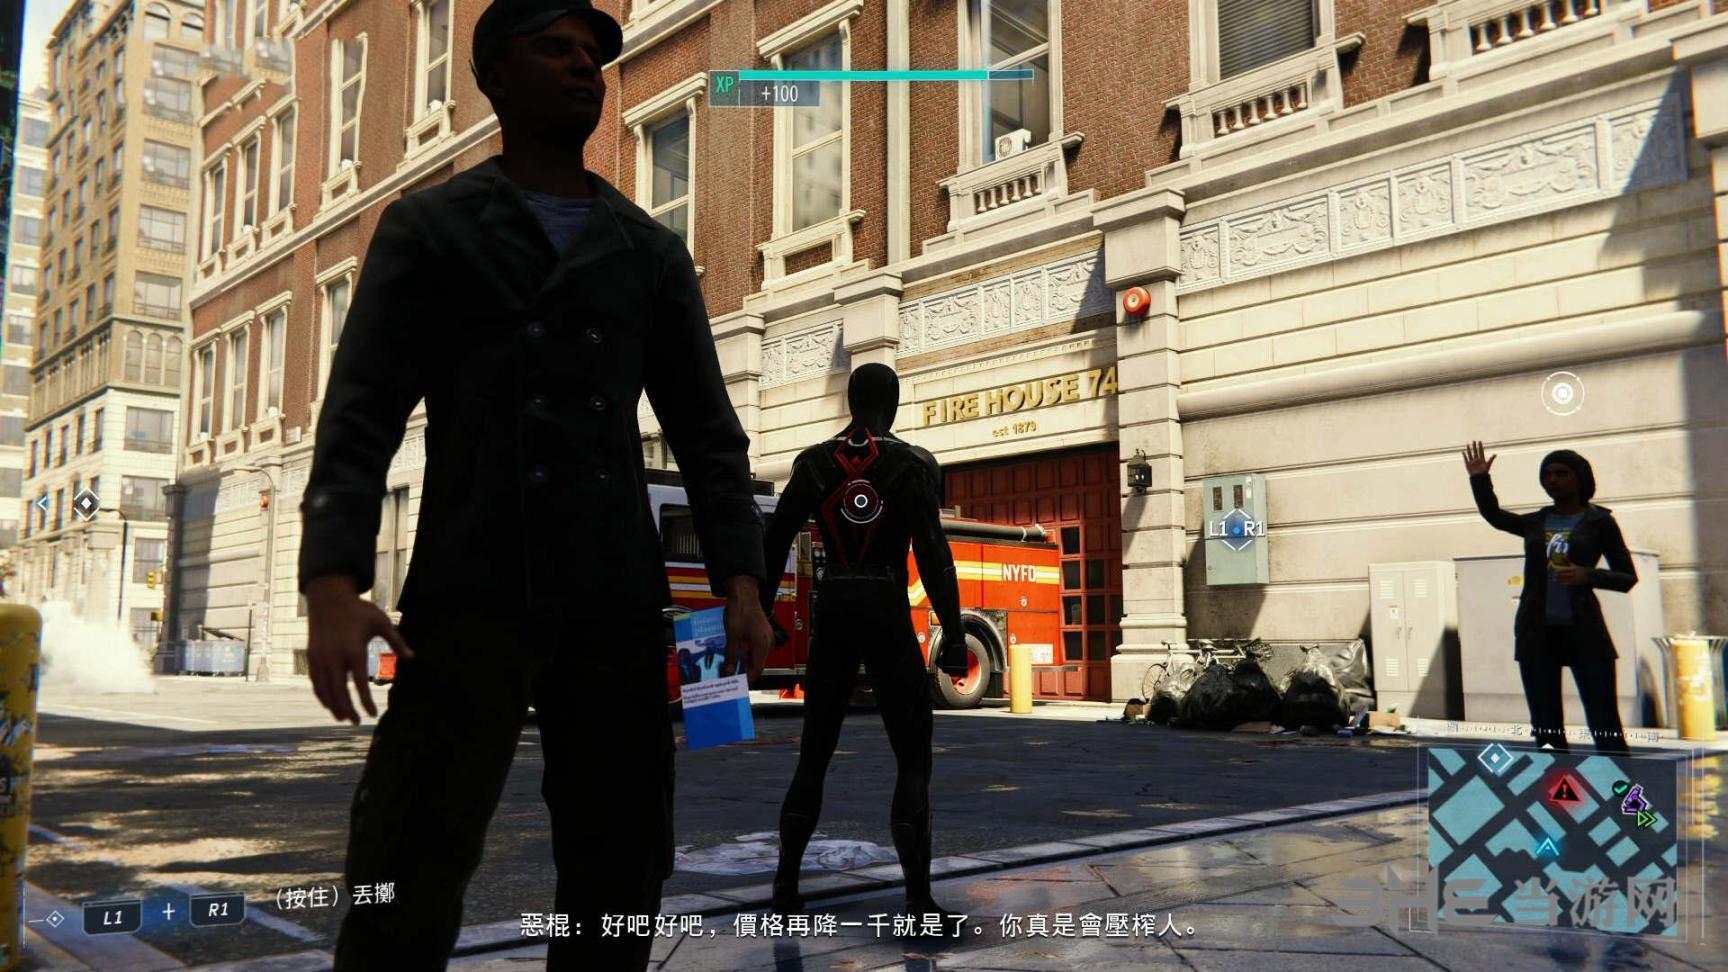 PS4蜘蛛侠游戏截图7